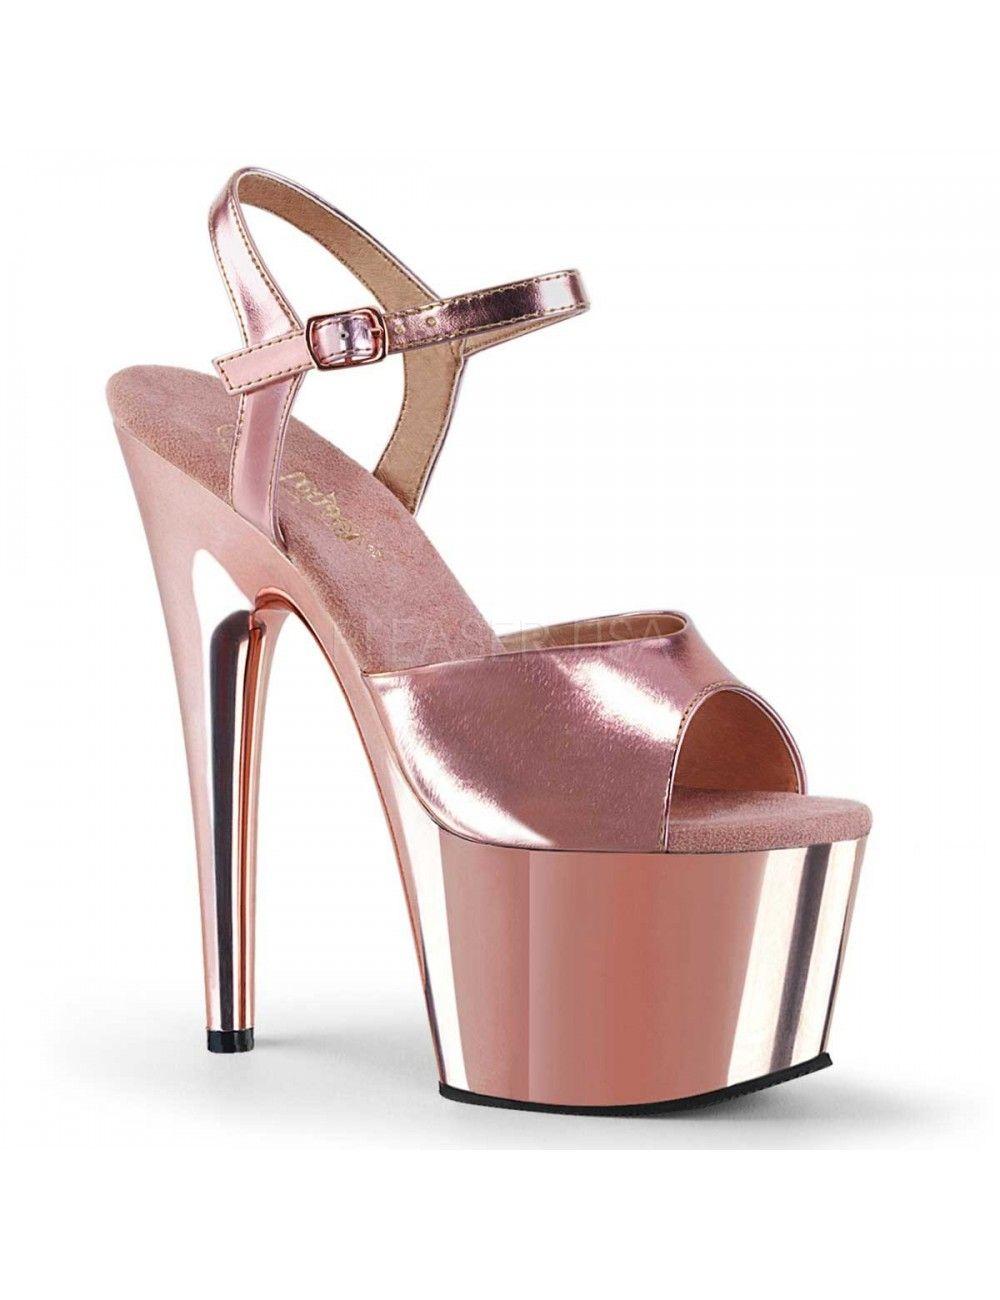 Sandales Talons Vertigineux Rose Métallique PLEASER